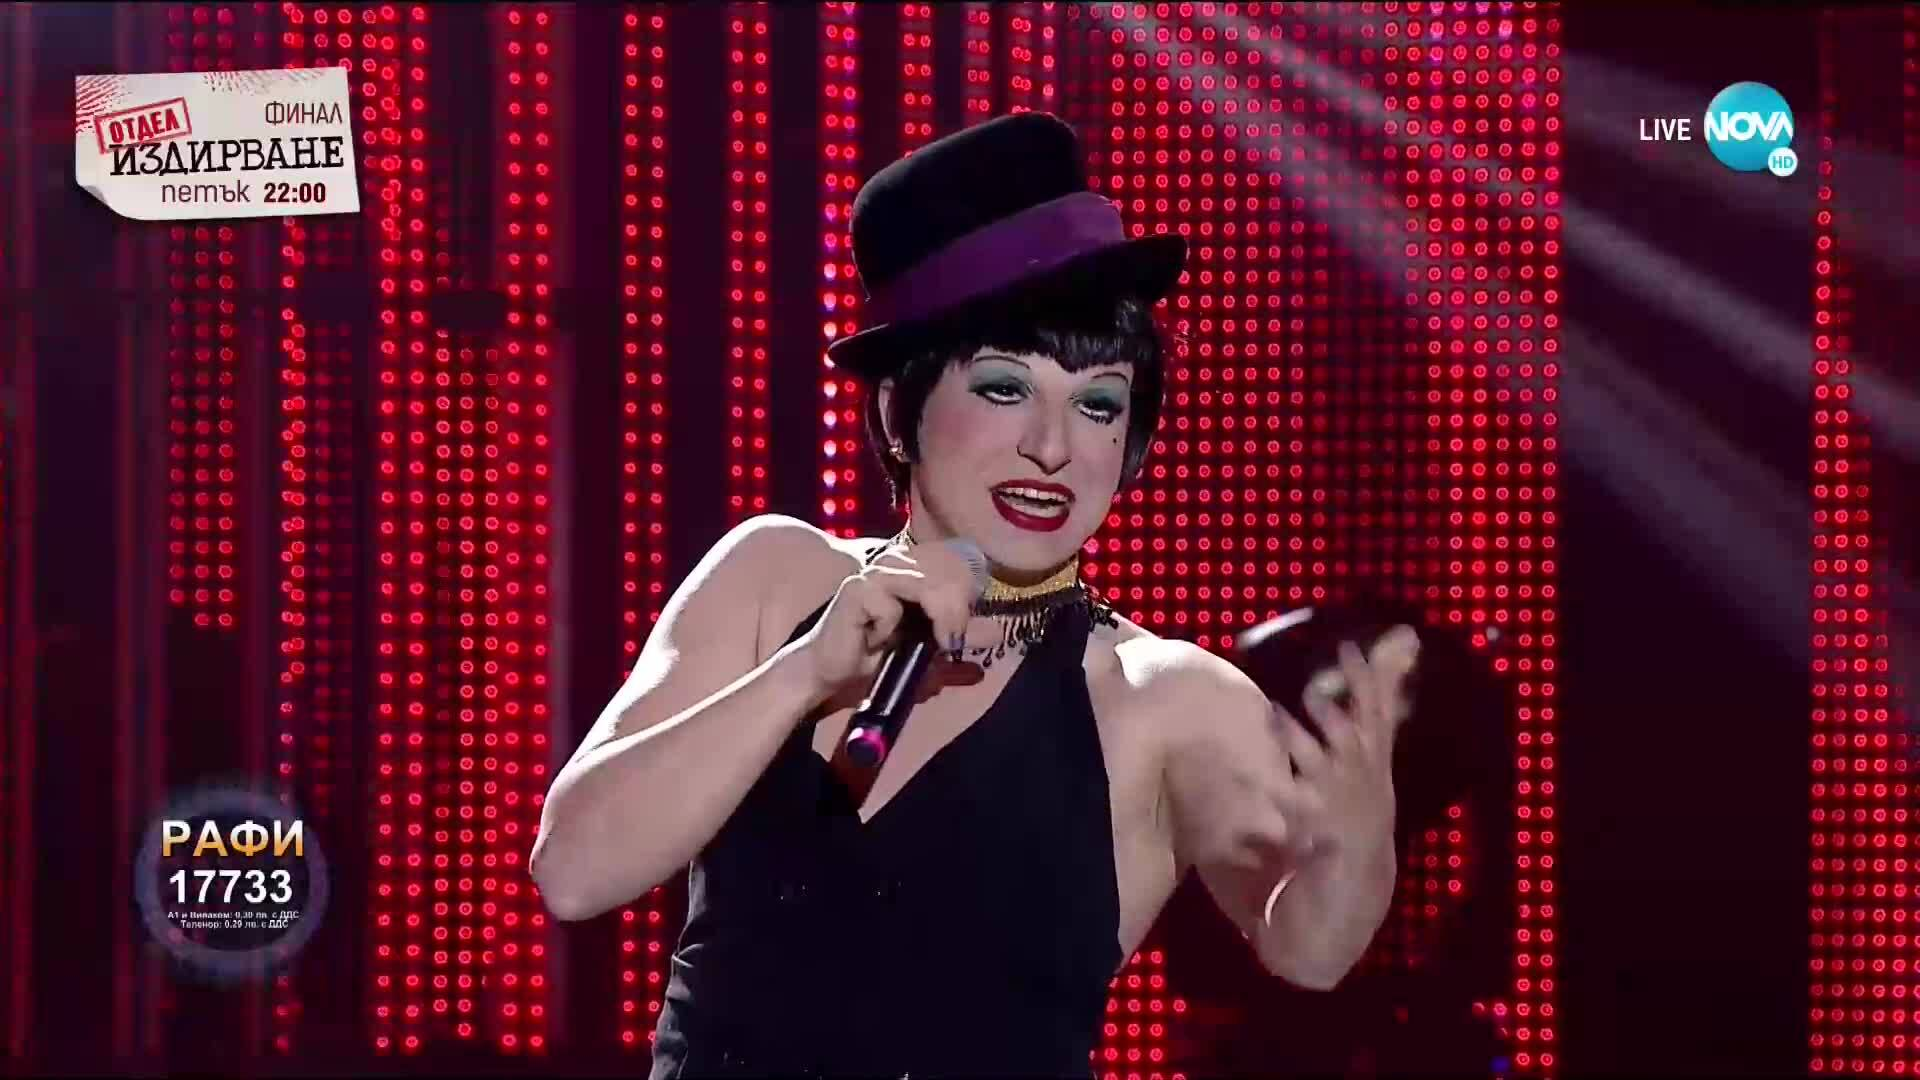 """Рафи като Liza Minnelli - """"Cabaret""""   Като две капки вода"""